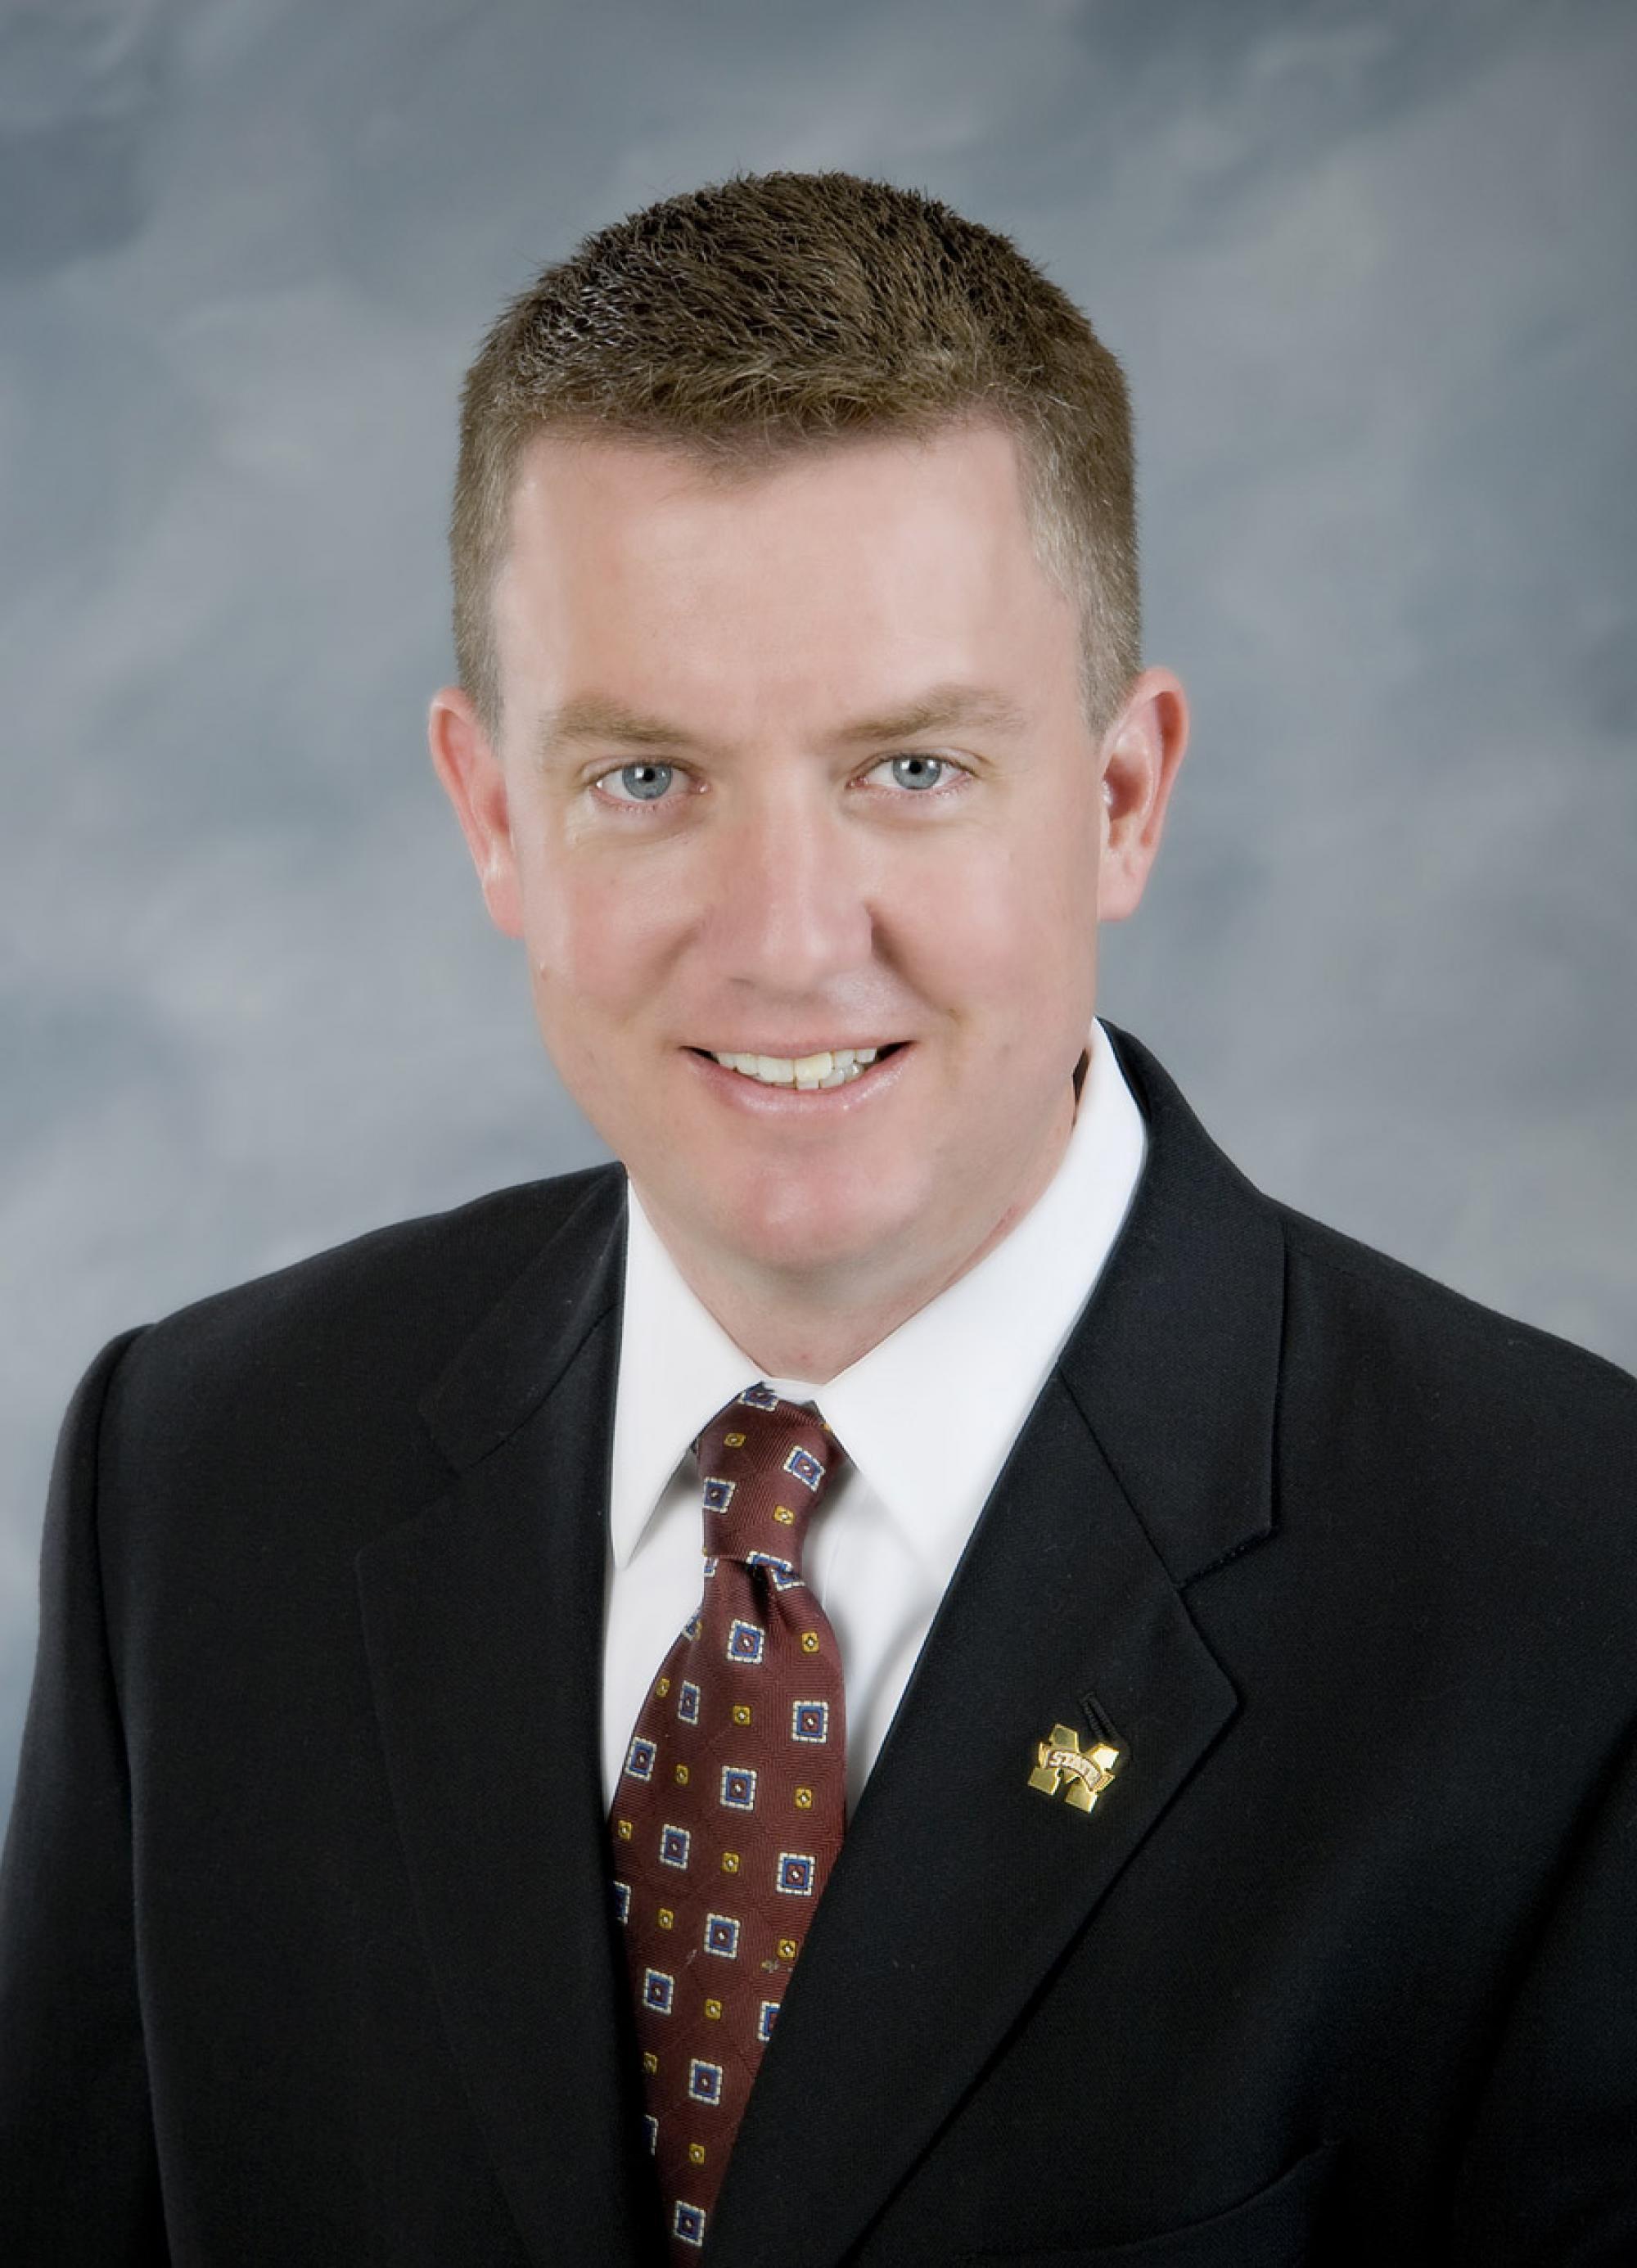 Greg Byrne